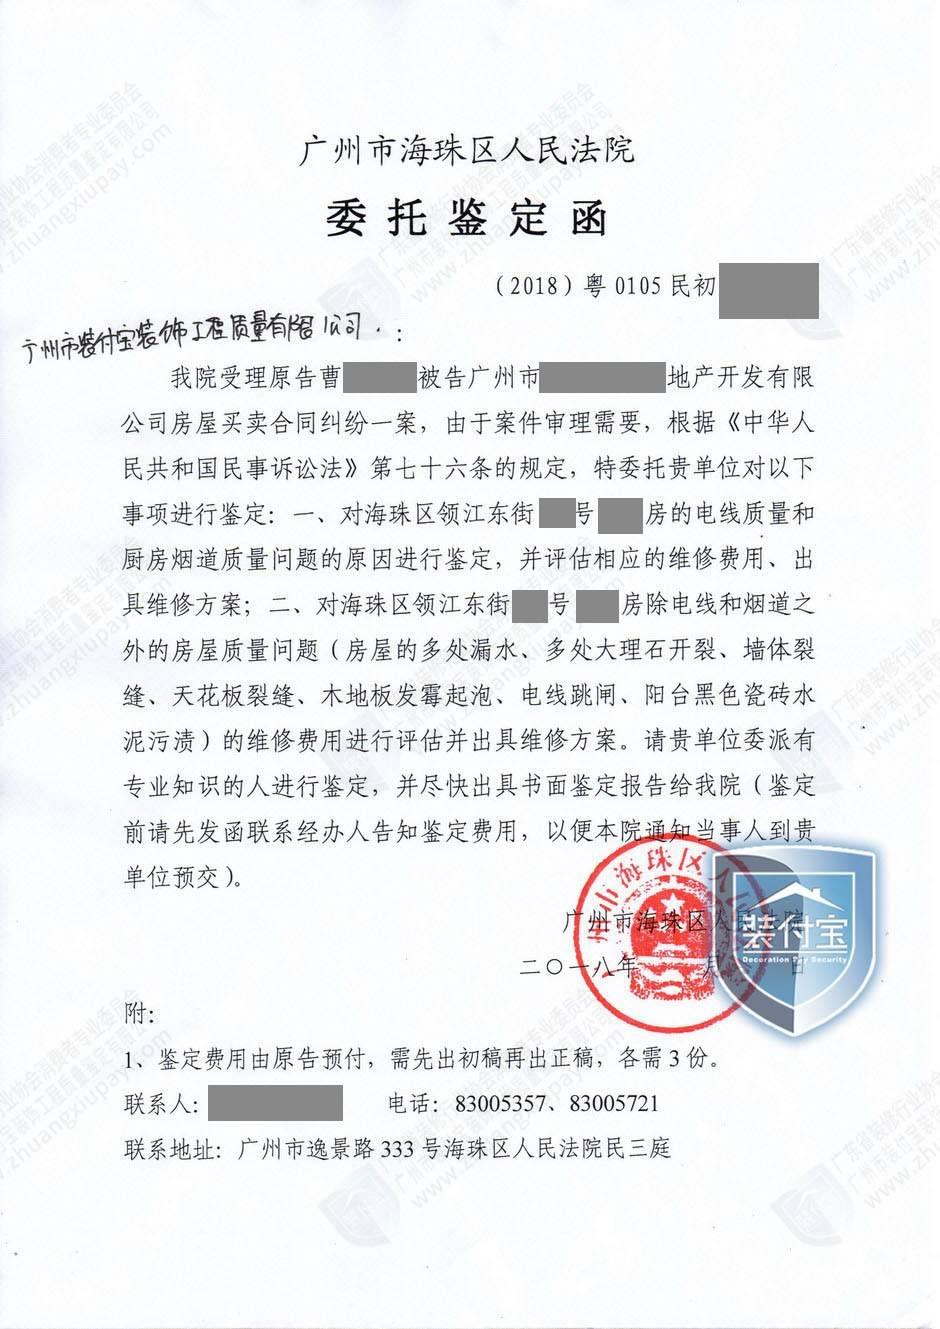 曹先生与房地产开发商发生房屋买卖合同纠纷,起诉同时做装修质量鉴定